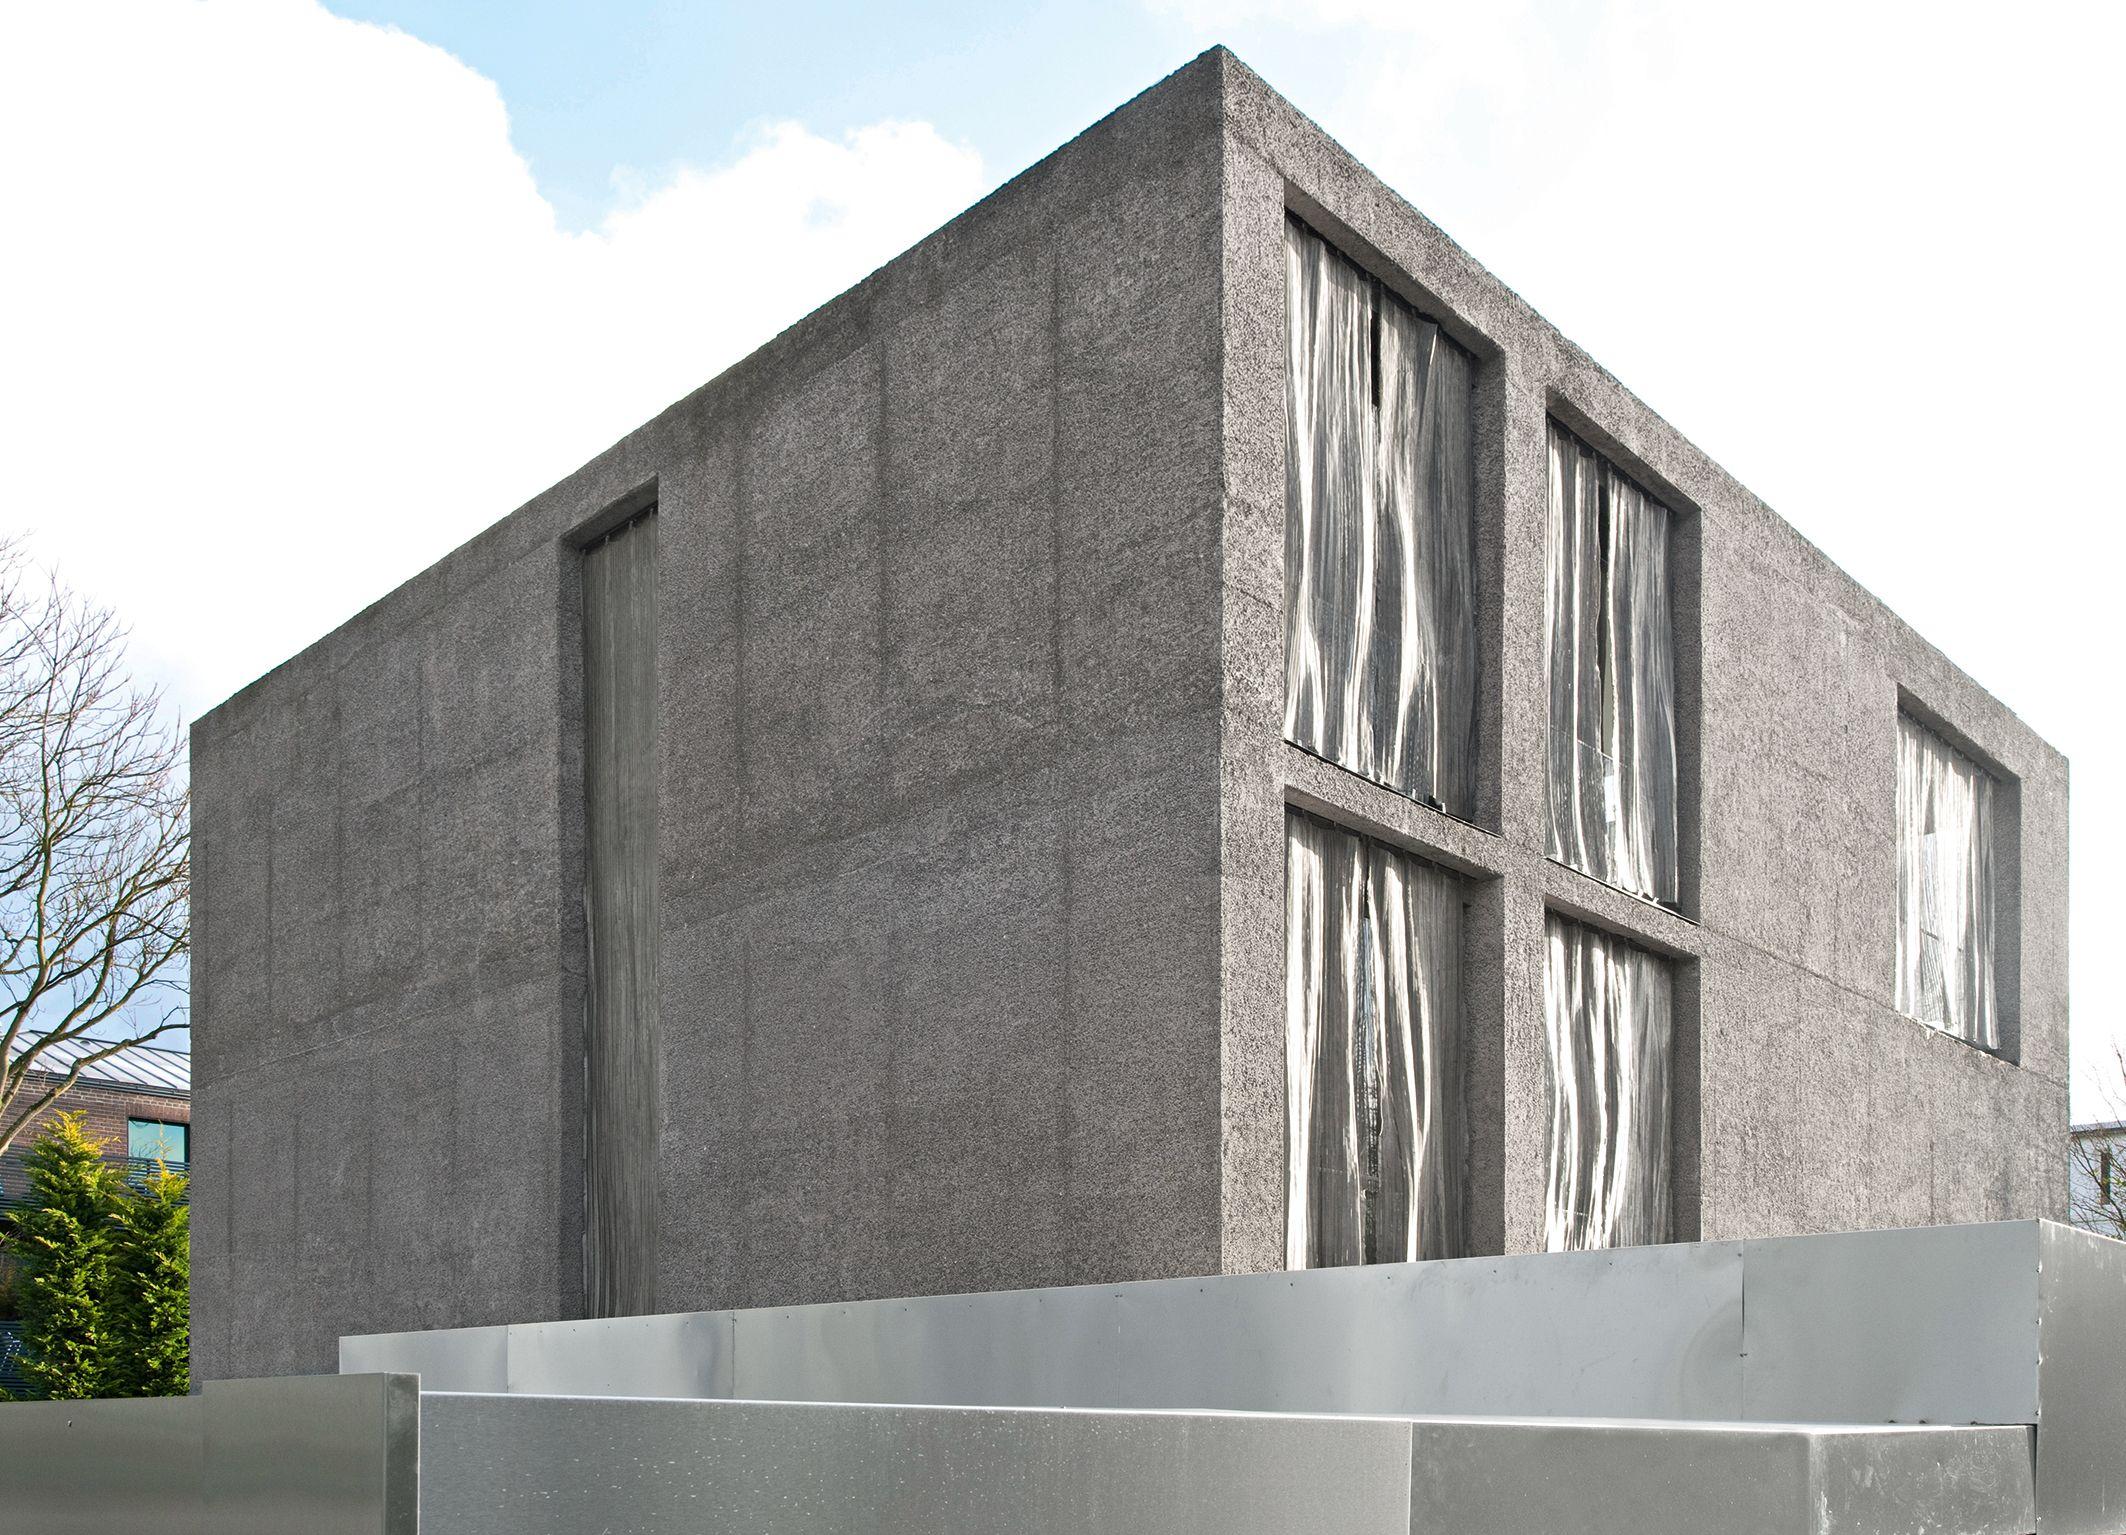 Villa Funken In Koln Fassade Aus Liapor Leichtbeton Mit Stahlblechvorhangen Von Artis Paas Architekten Architektur Architektur Innenarchitektur Architekt